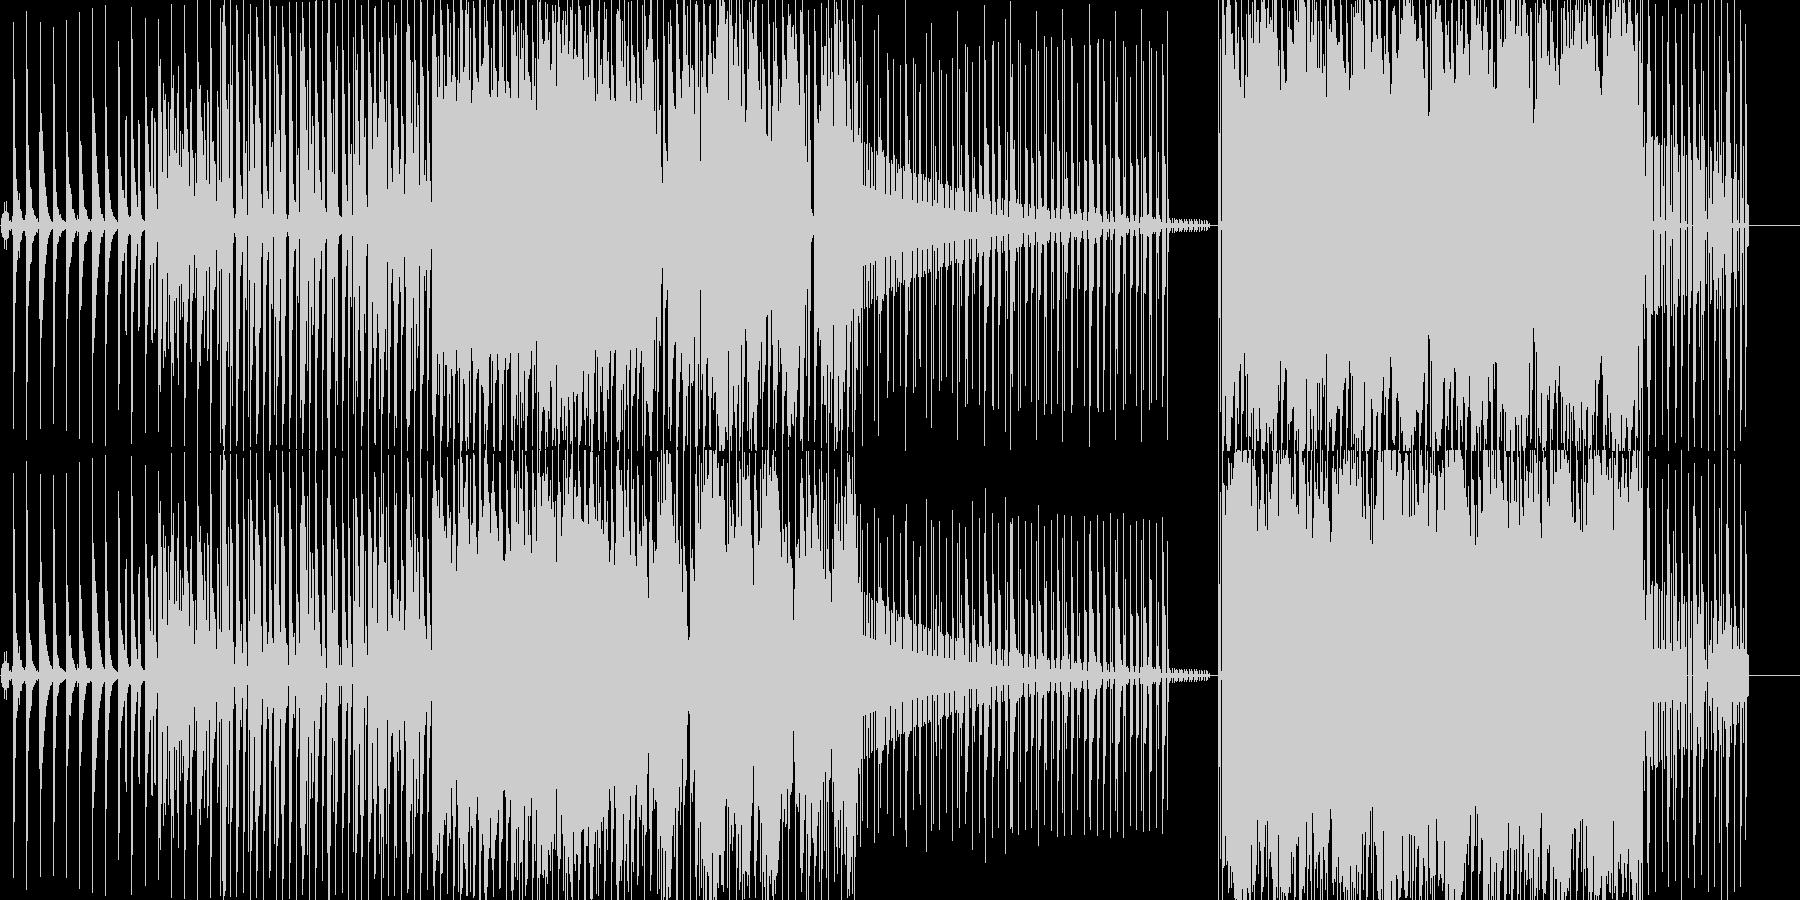 かなしい曲ですの未再生の波形